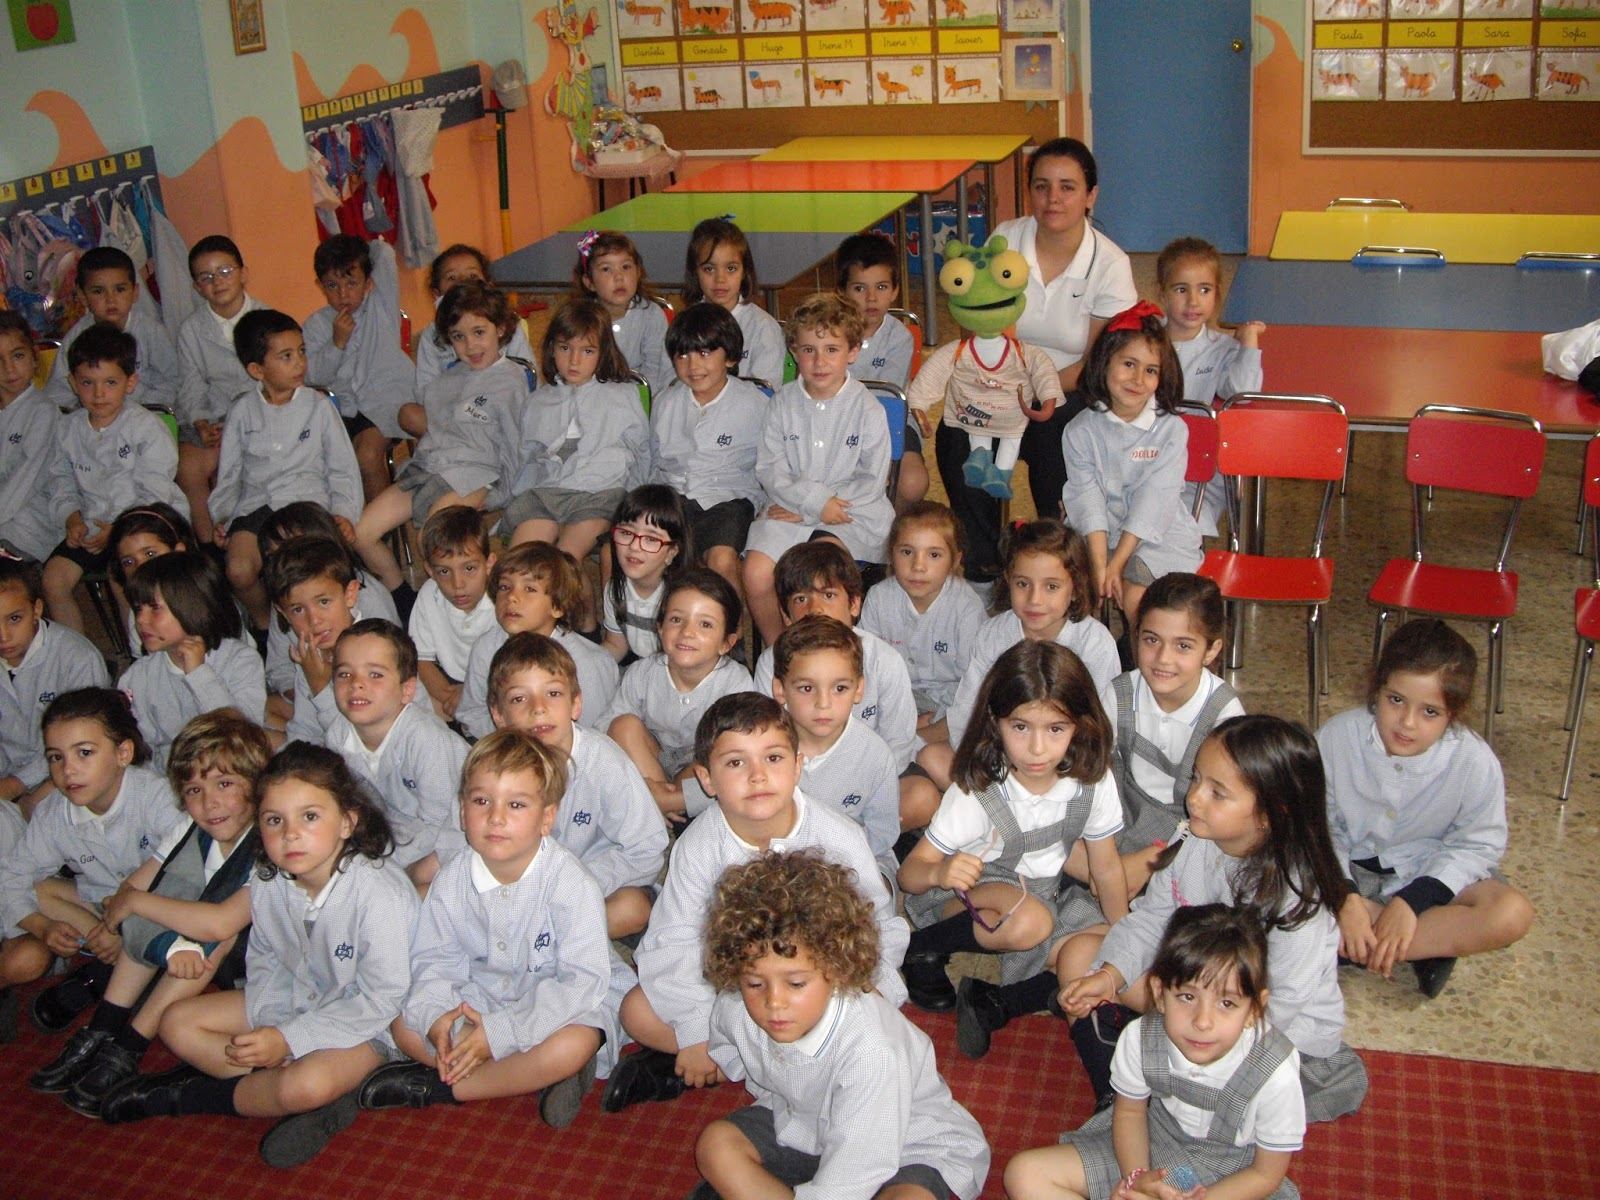 Agustinas Valladolid - 2017 - Infantil 4 - 5 - Taller Postural